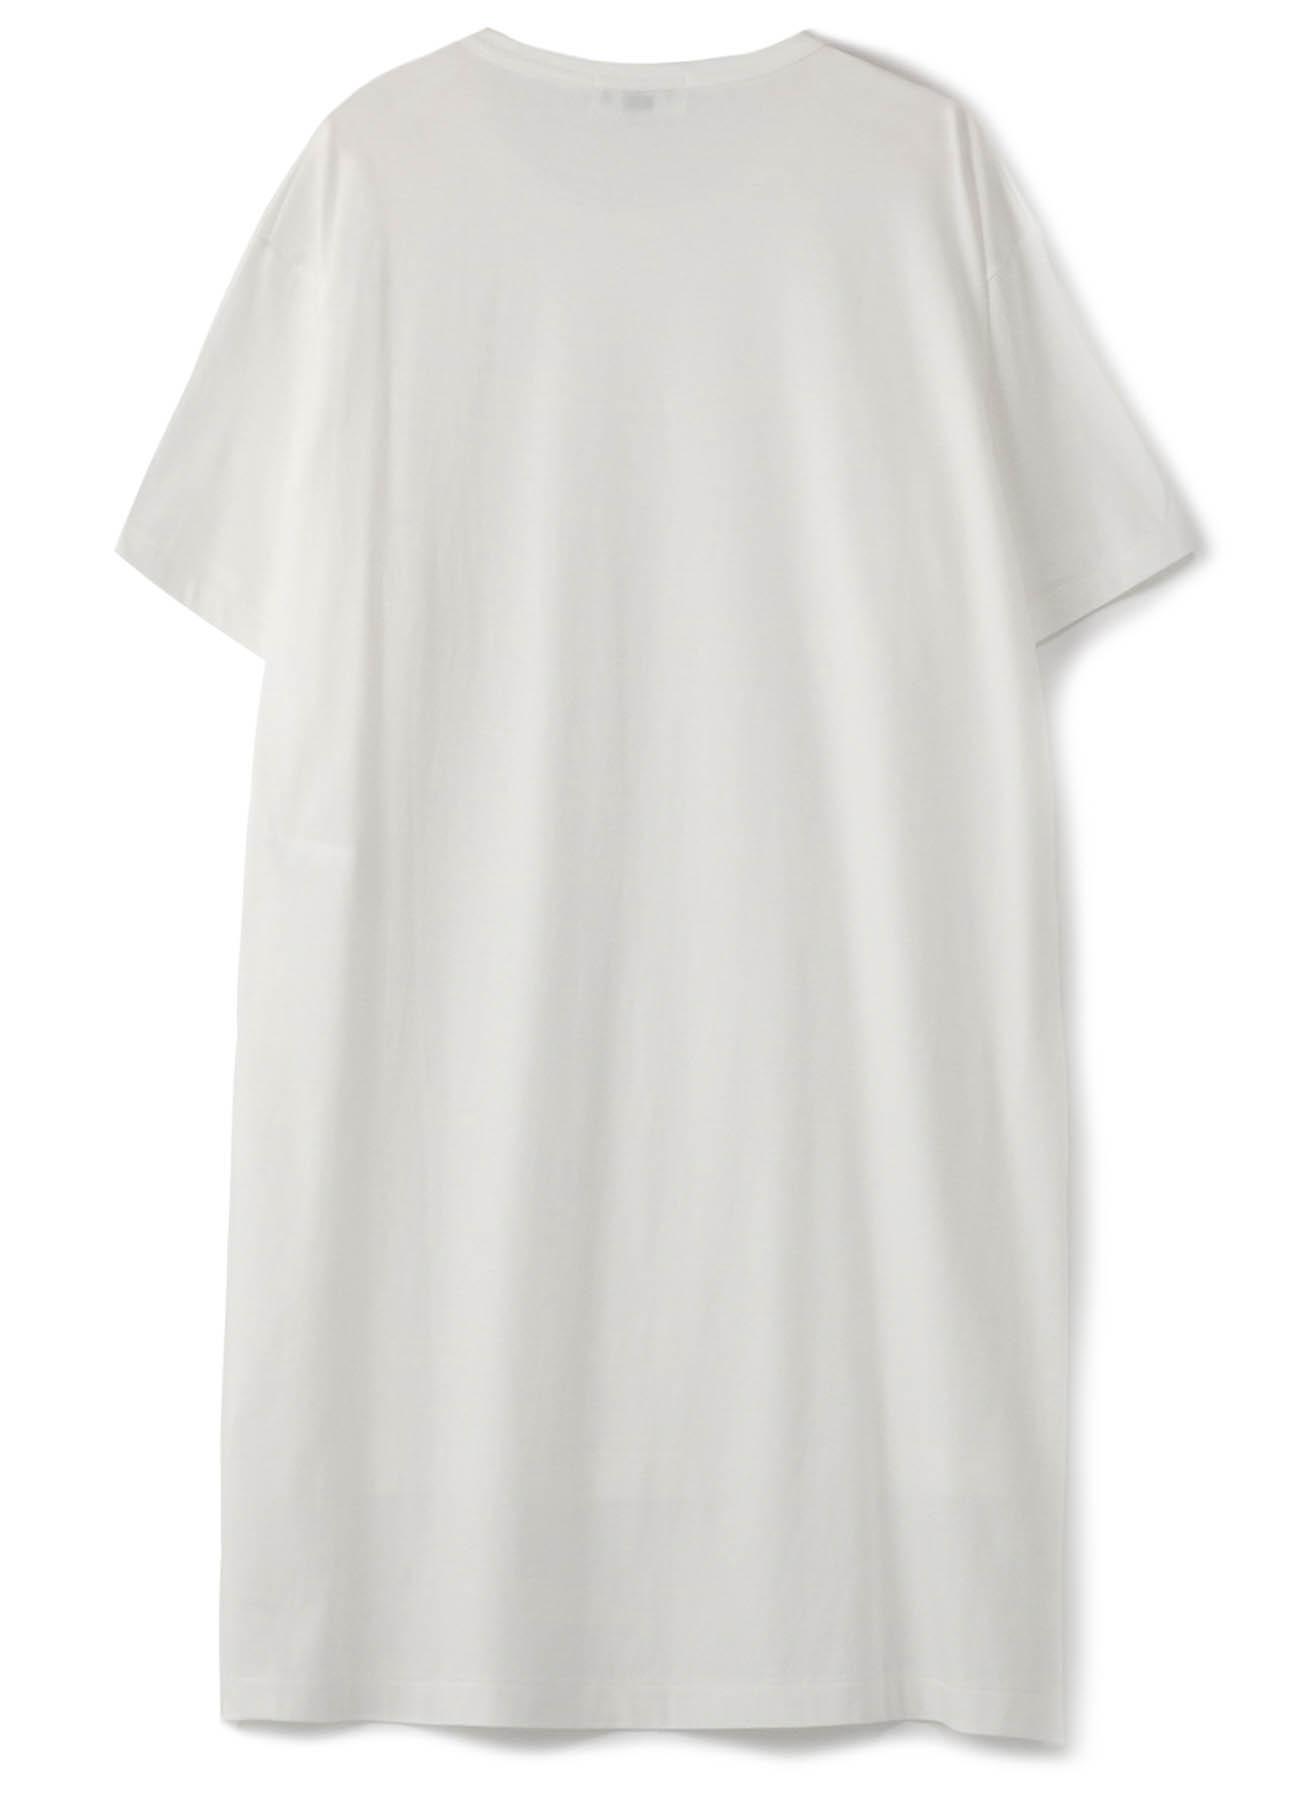 カルティマ天竺 半袖裾前後丈違い半袖TEE